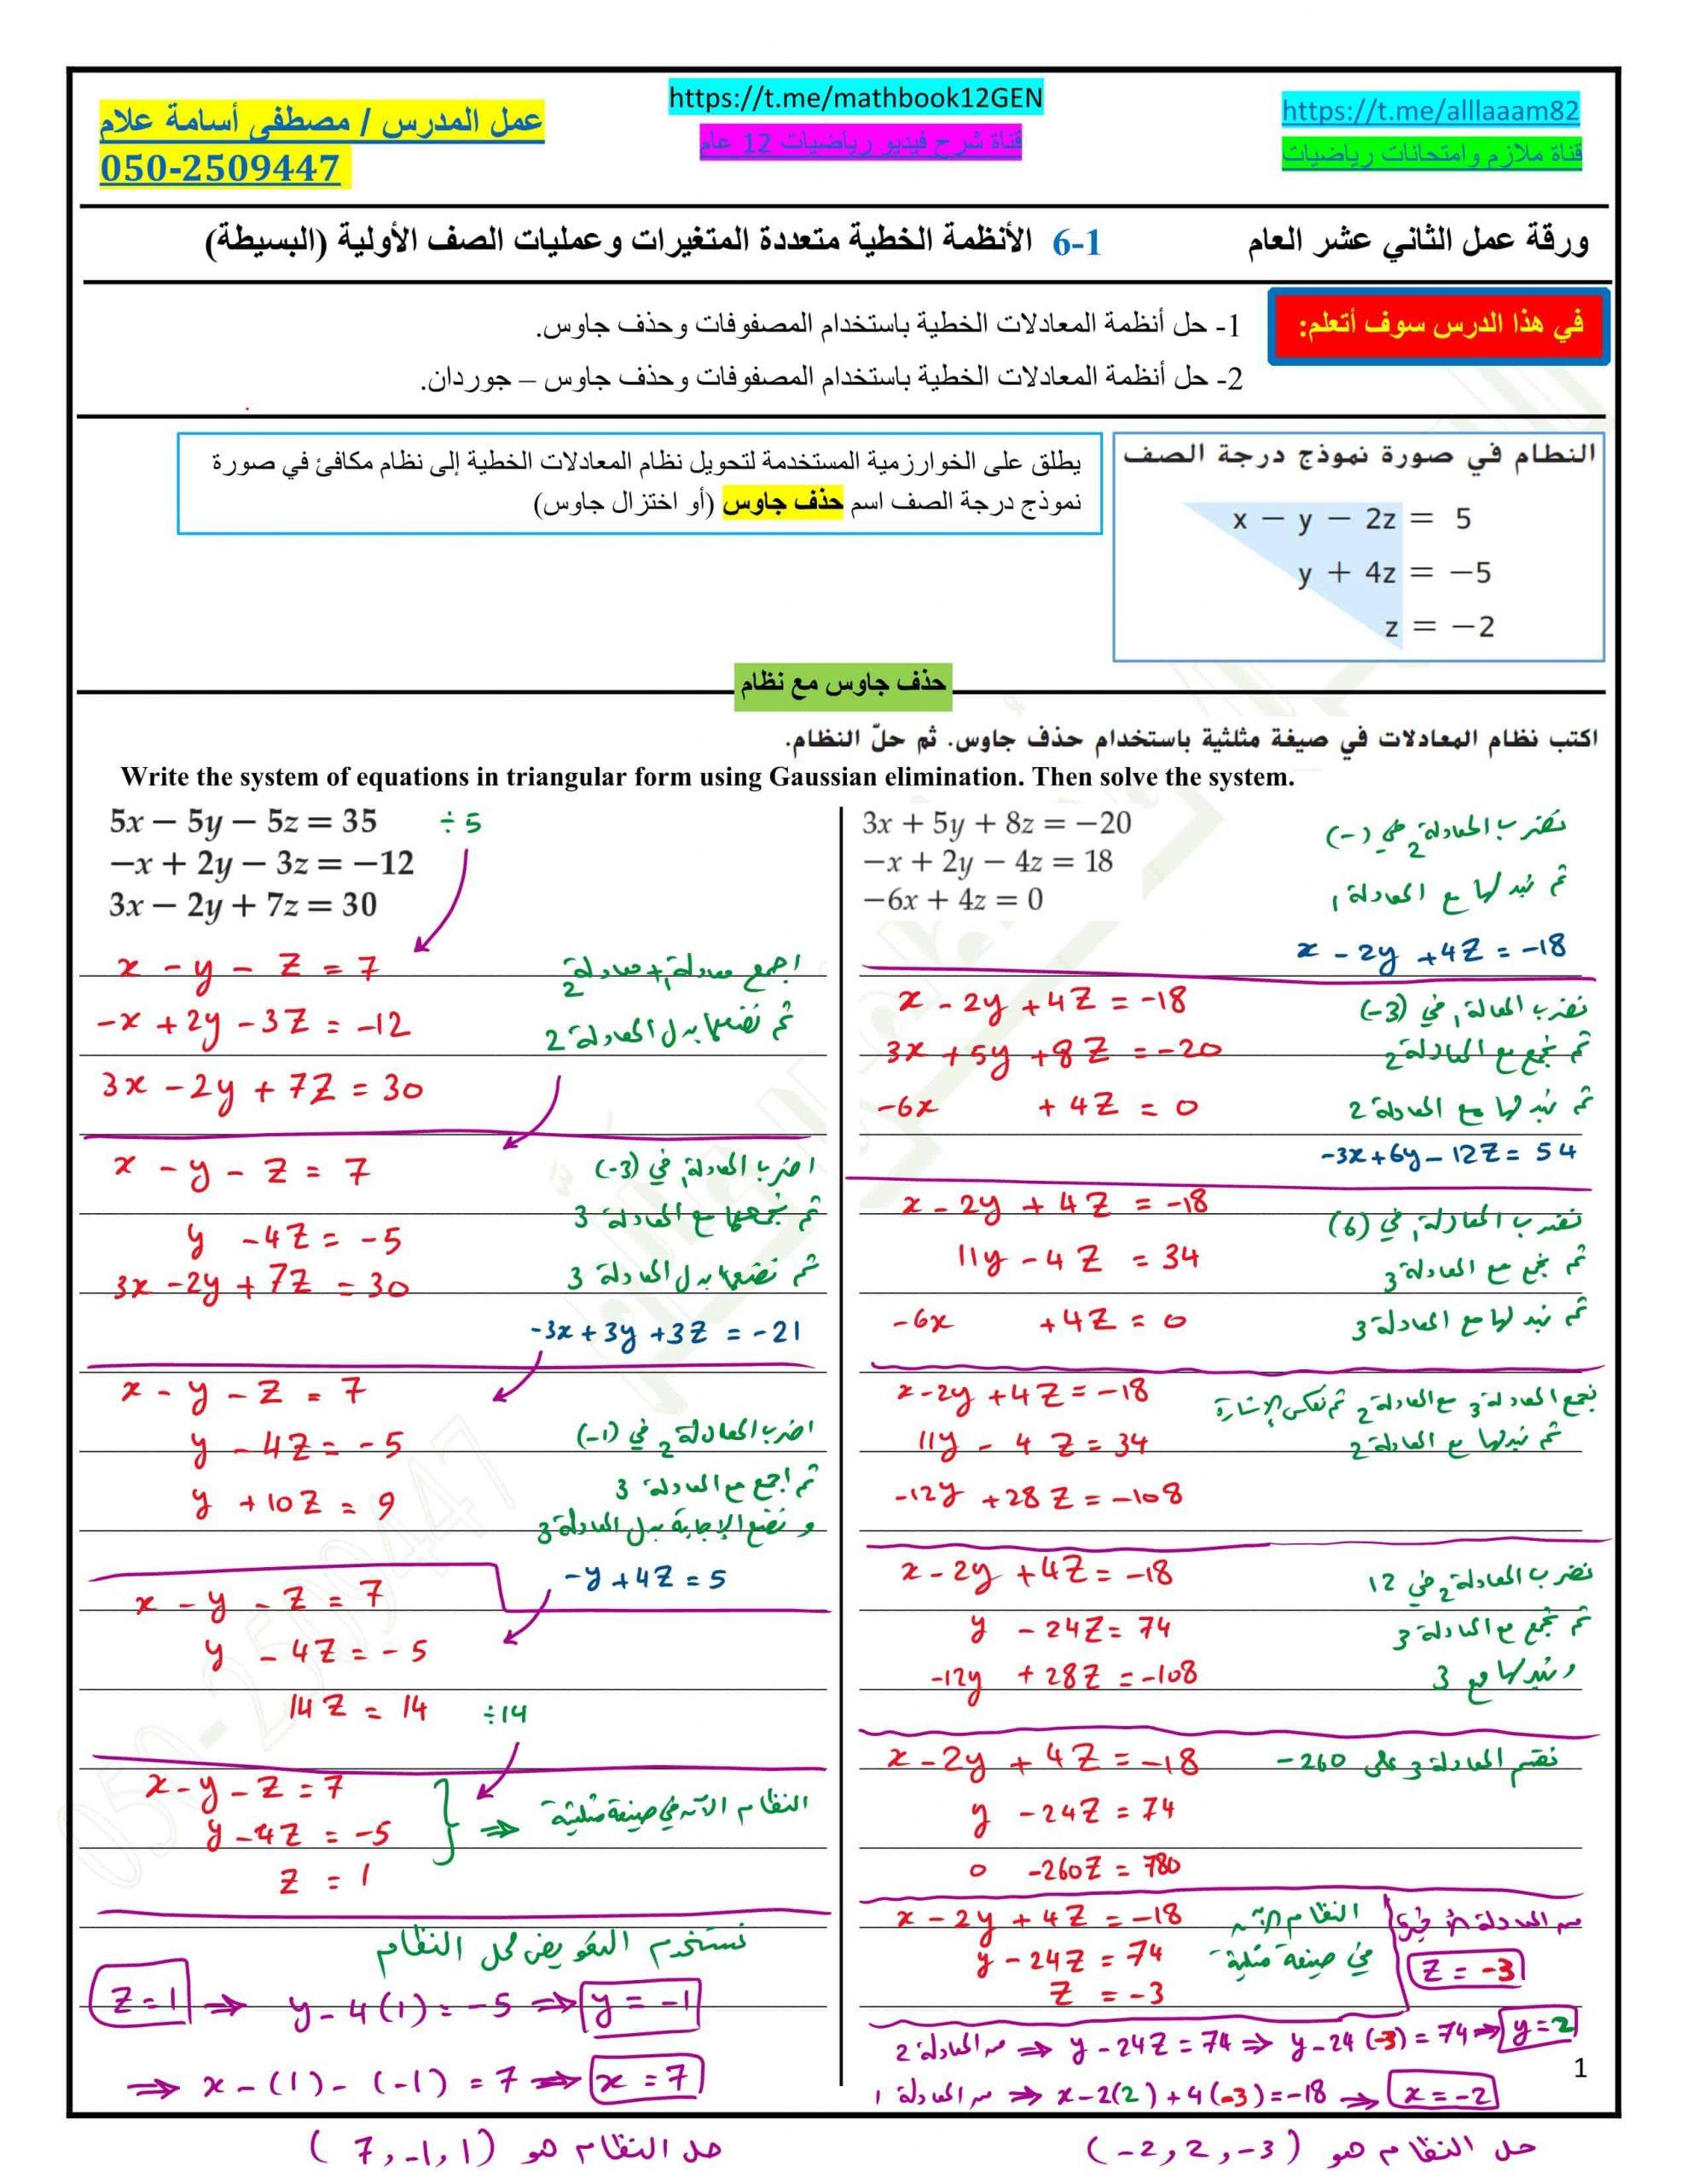 حل أوراق عمل الأنظمة الخطية متعددة المتغيرات وعمليات الصف الأولية - البسيطة الصف الثاني عشر عام مادة الرياضيات المتكاملة